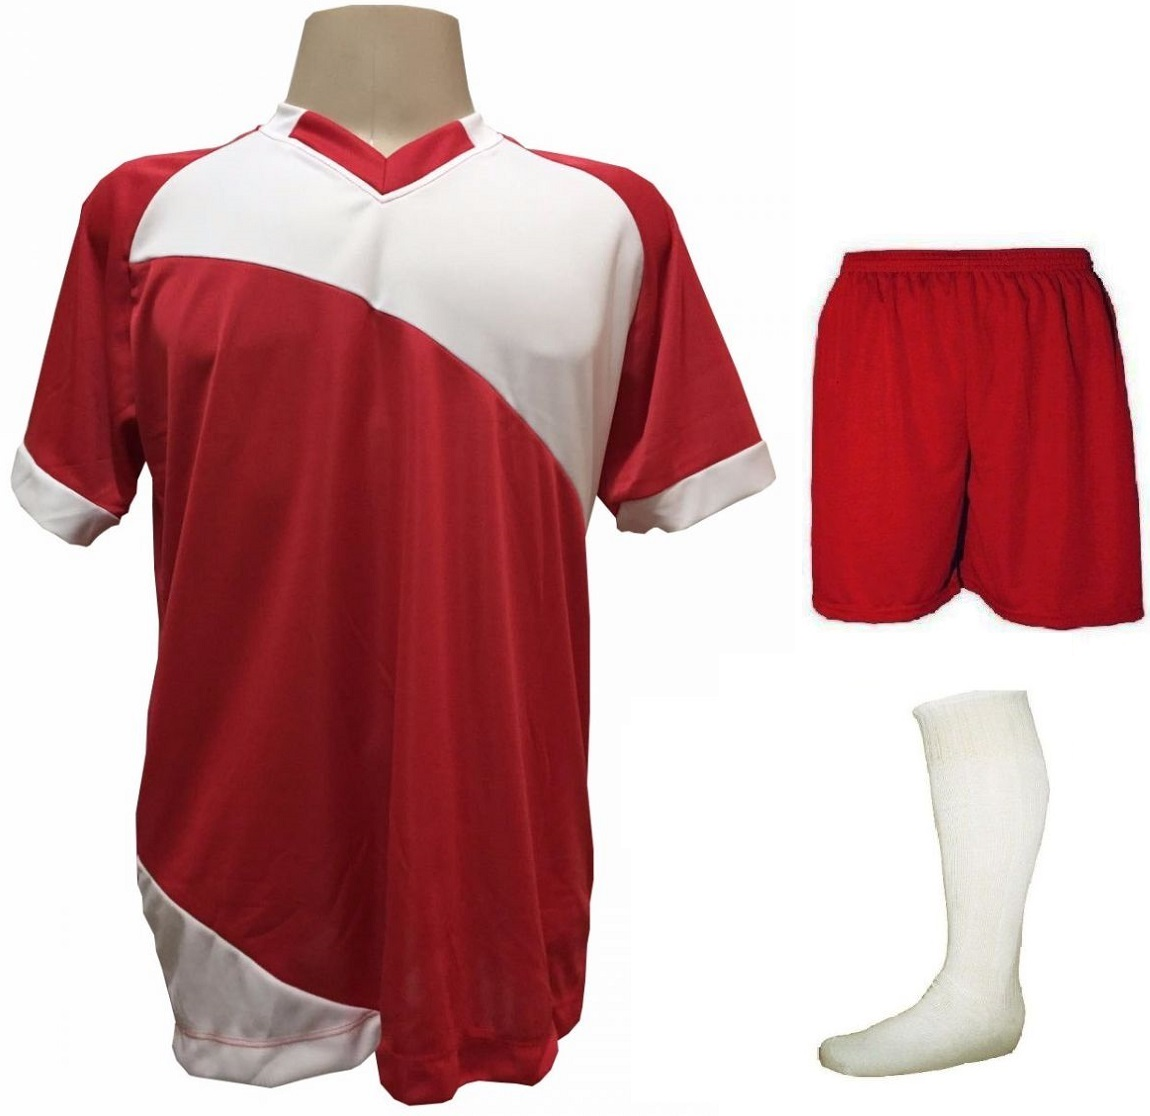 Uniforme Esportivo com 20 camisas modelo Bélgica Vermelho/Branco + 20 calções modelo Madrid Vermelho + 20 pares de meiões Branco